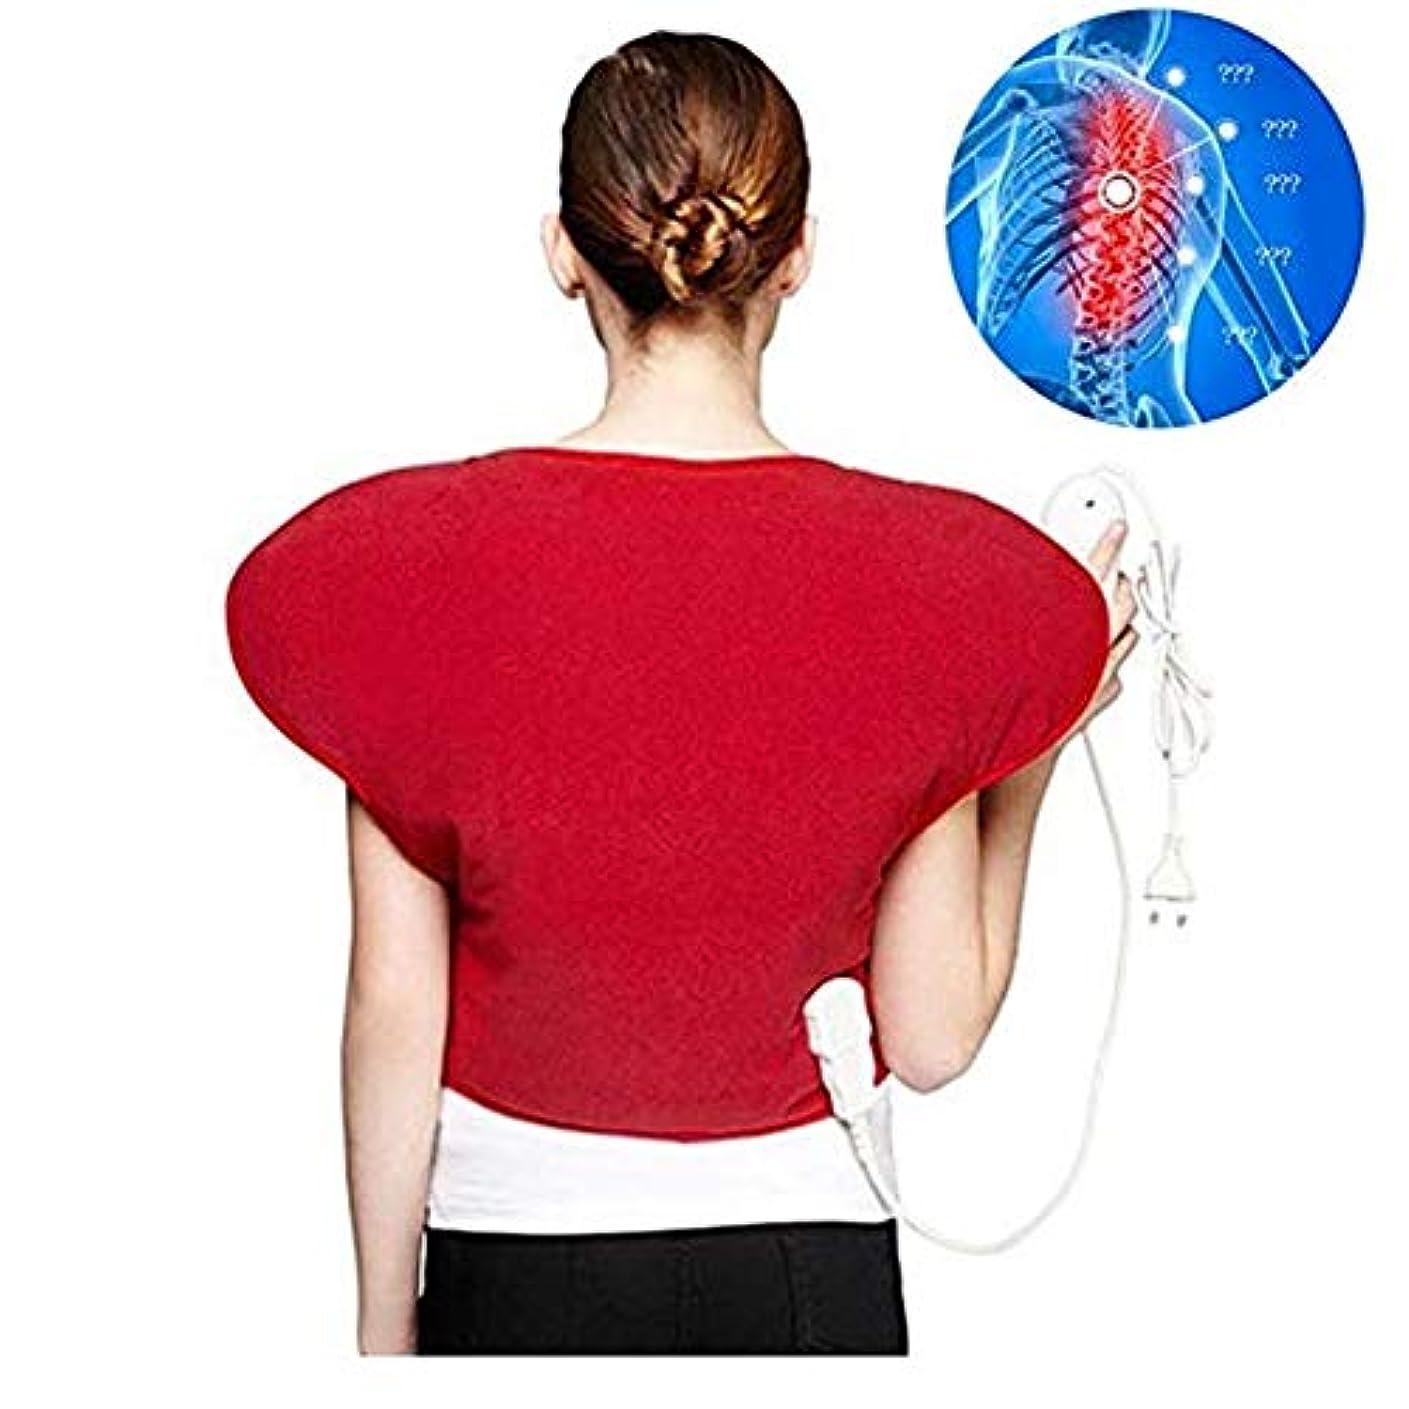 気取らない選ぶ討論肩と首の電気ヒーターパッド - 物理的な痛みの救済ホットヒートのベスト、3ファイル一定の温度、自動パワーオフ、医療用品蝶形のマッサージのヒートパッド